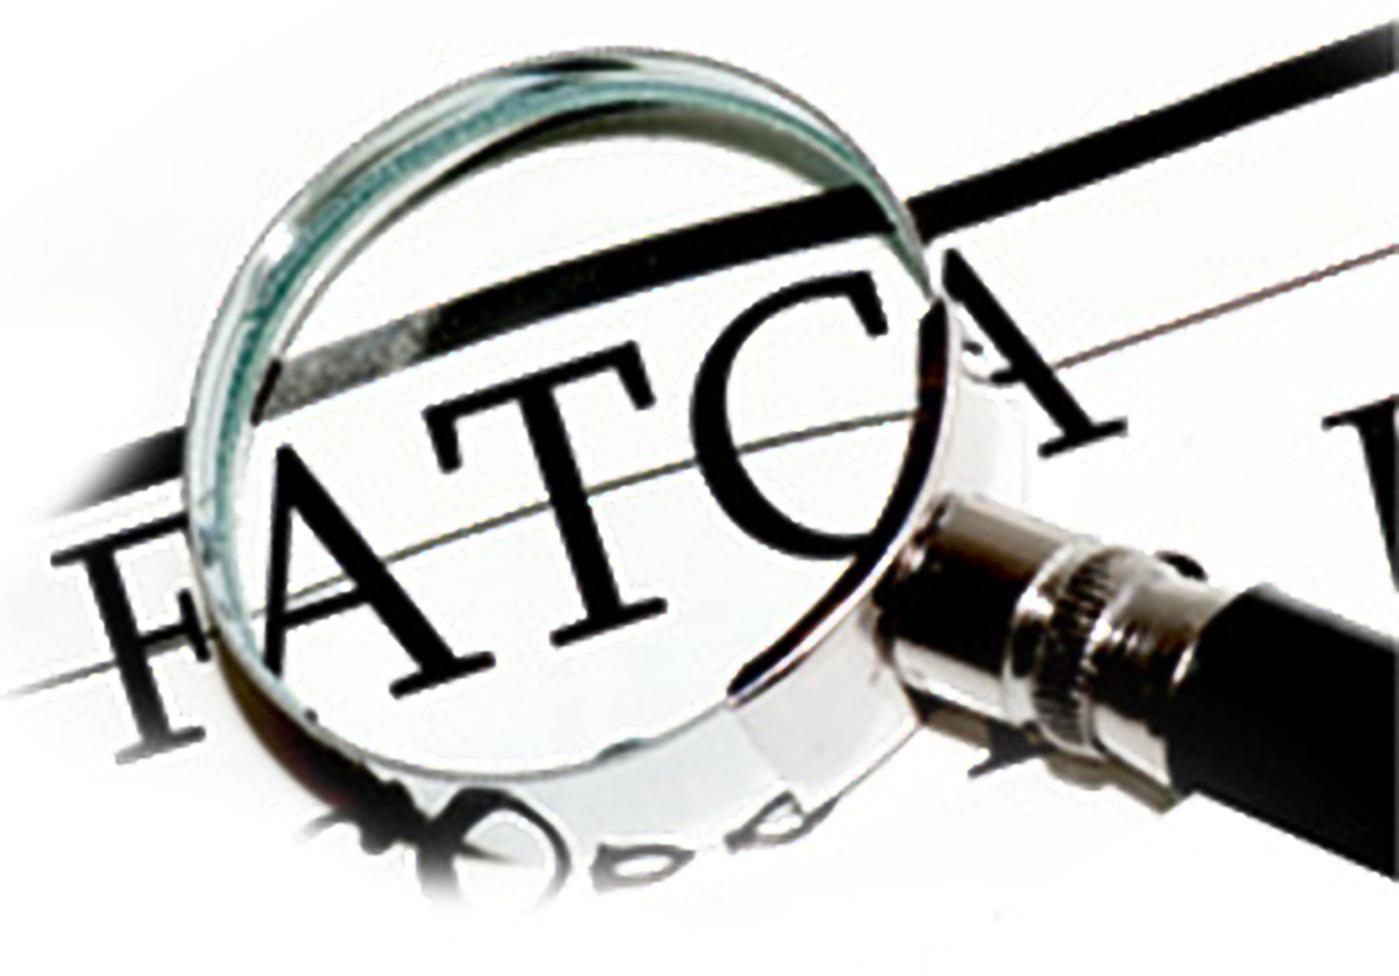 US Expat Taxes & FATCA - Form 8938